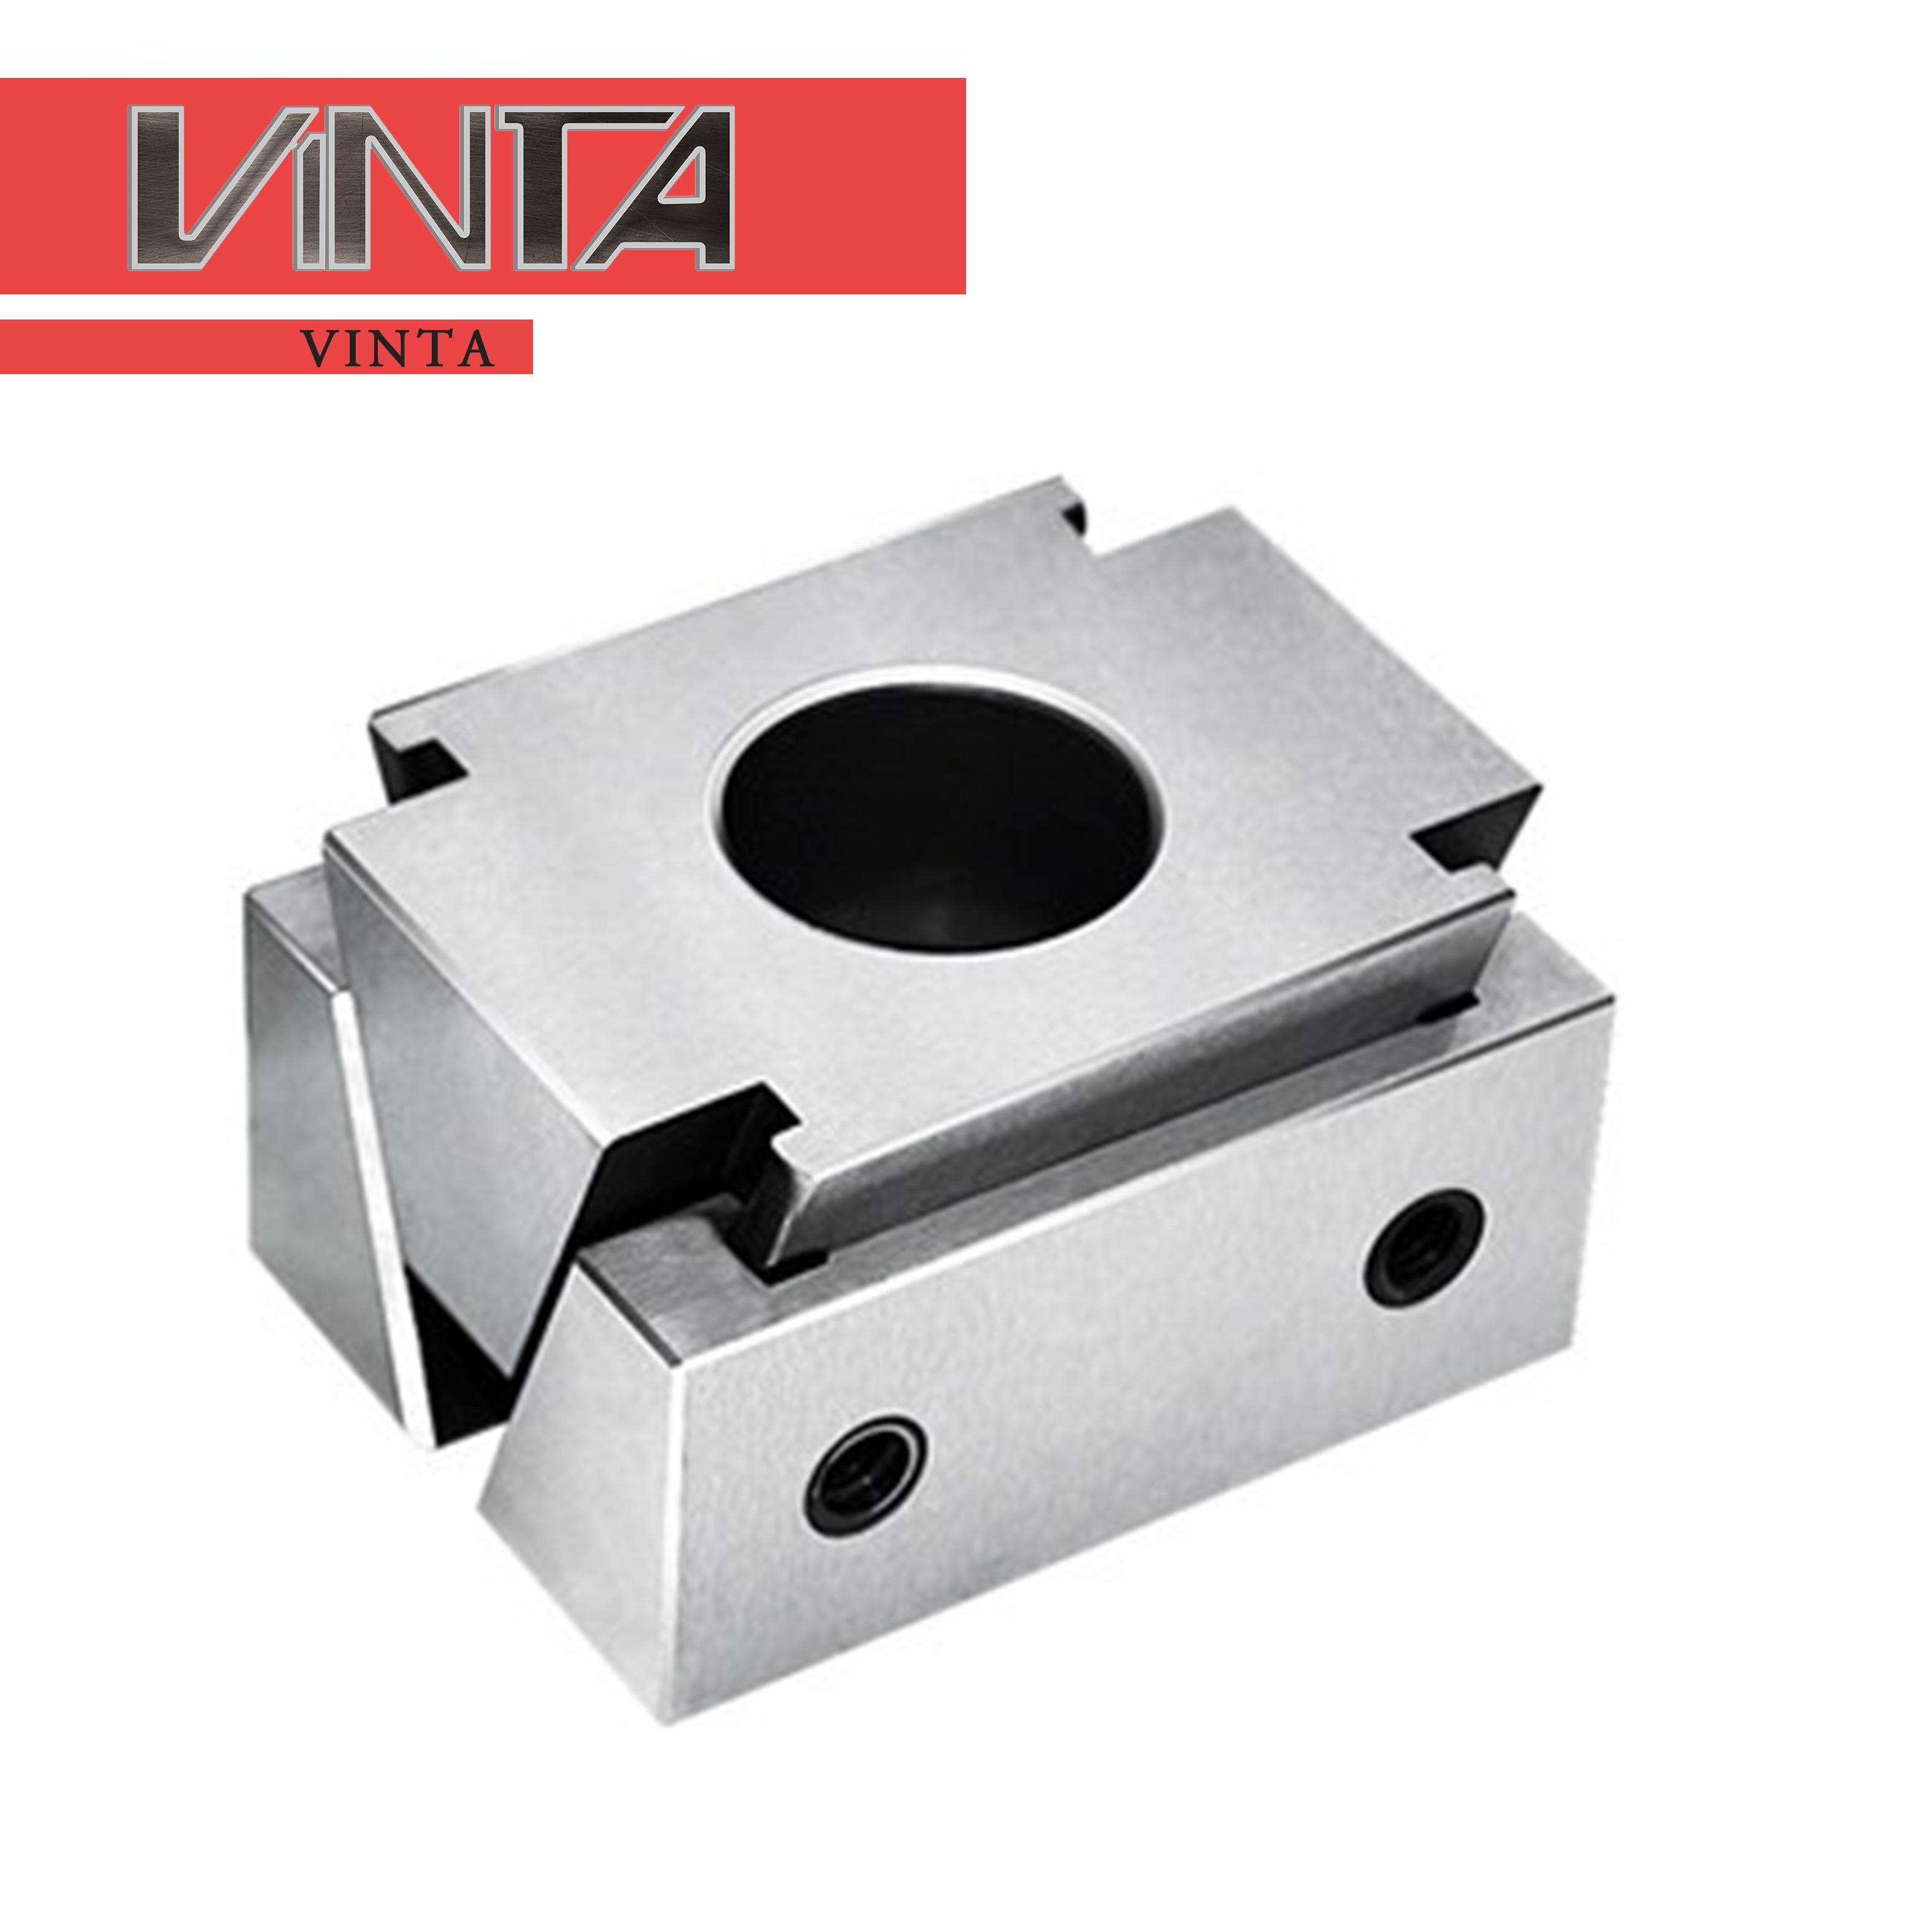 CNC Высокая точность Paralle челюсть ручная дрель набор инструментов для резьбы мини 50xM12 тиски зажим Настольная скамья тиски 32xM8 держатель инструмента